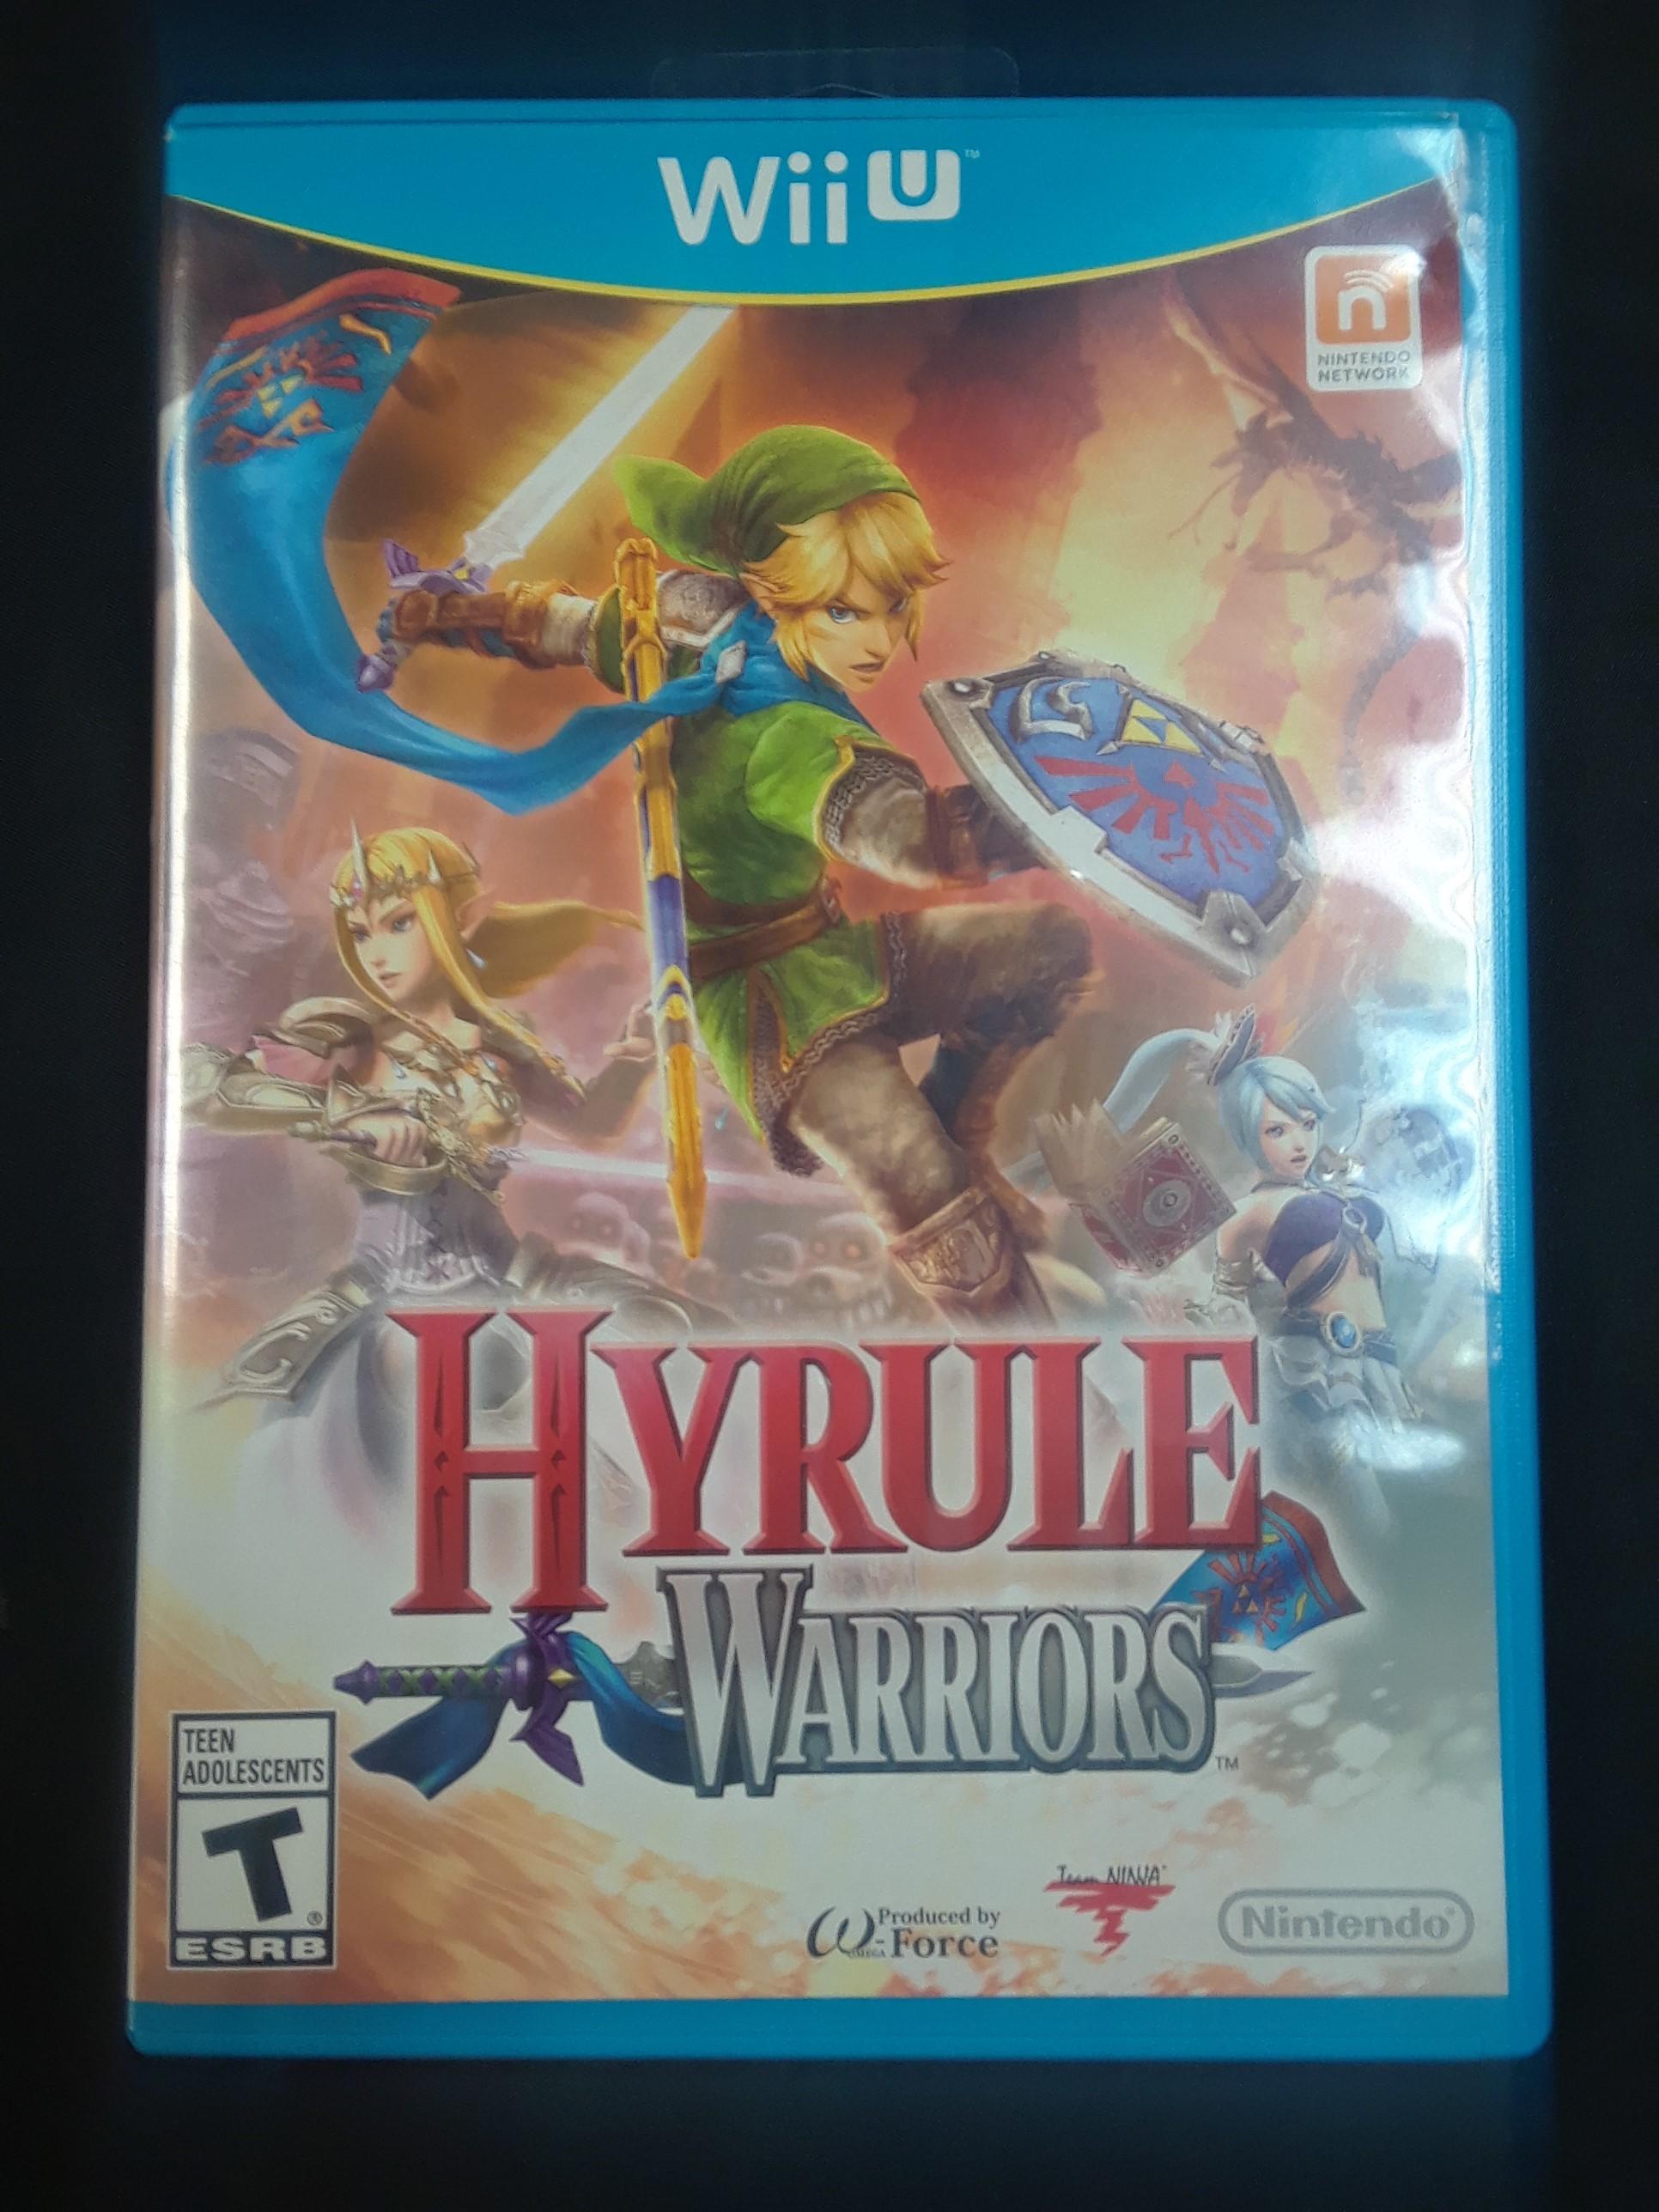 WII U GAME: HYRULE WARRIORS